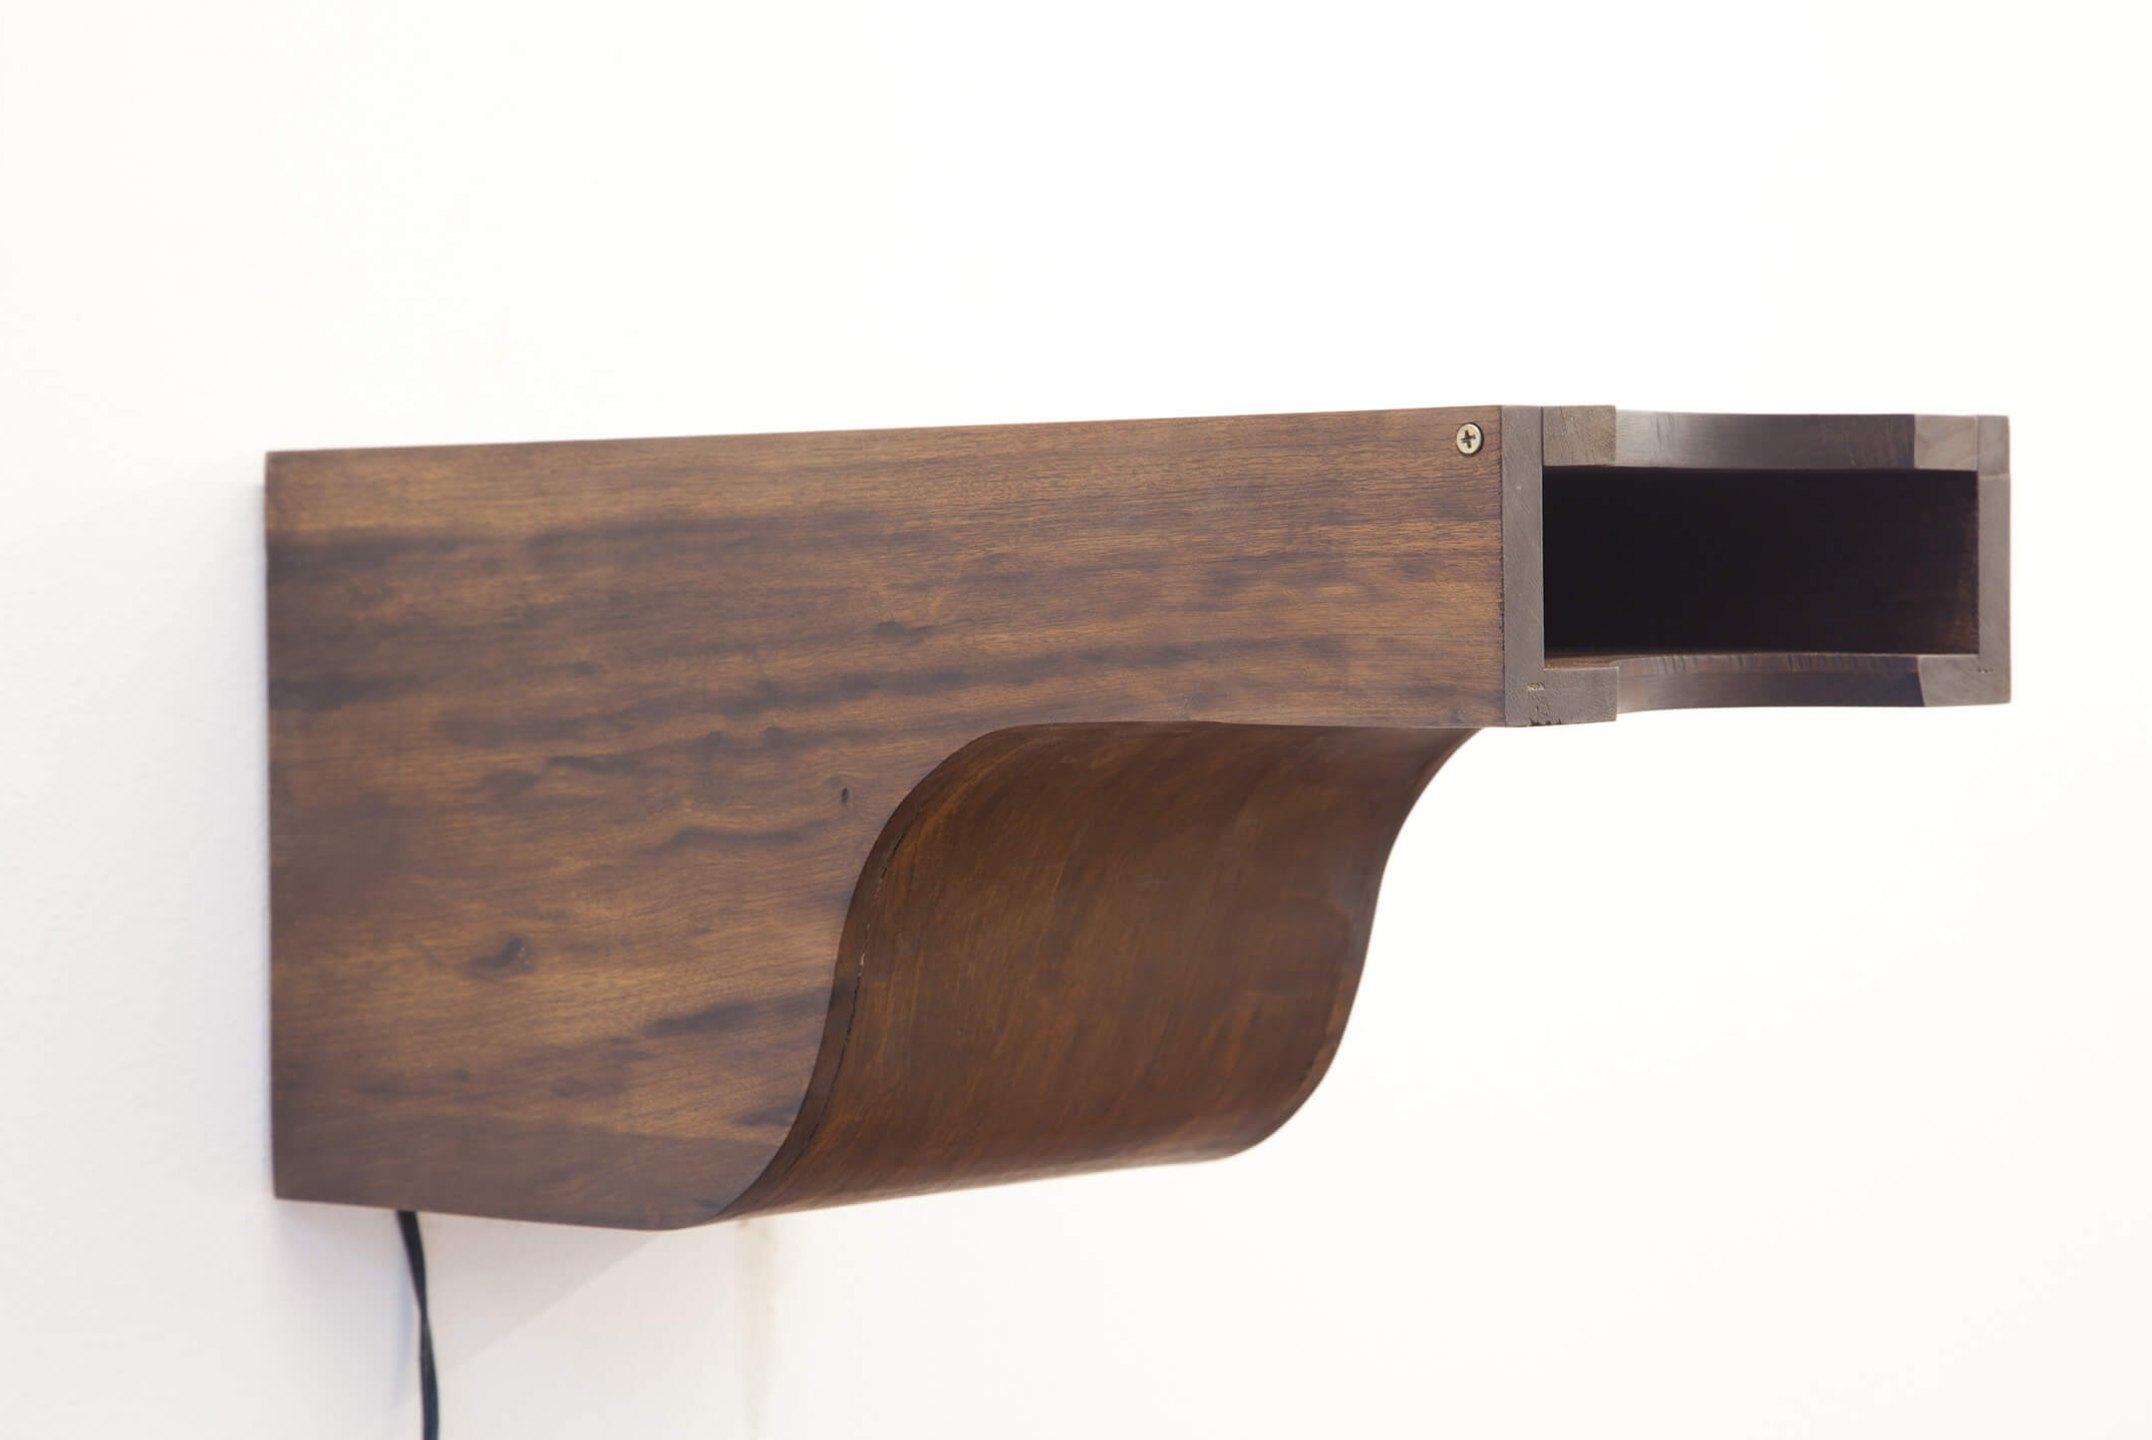 Deyson Gilbert, <em>+ (from Economia da Imagem series)</em>, 2010, wood and halogen lamp, 23 × 23 × 46 cm - Mendes Wood DM